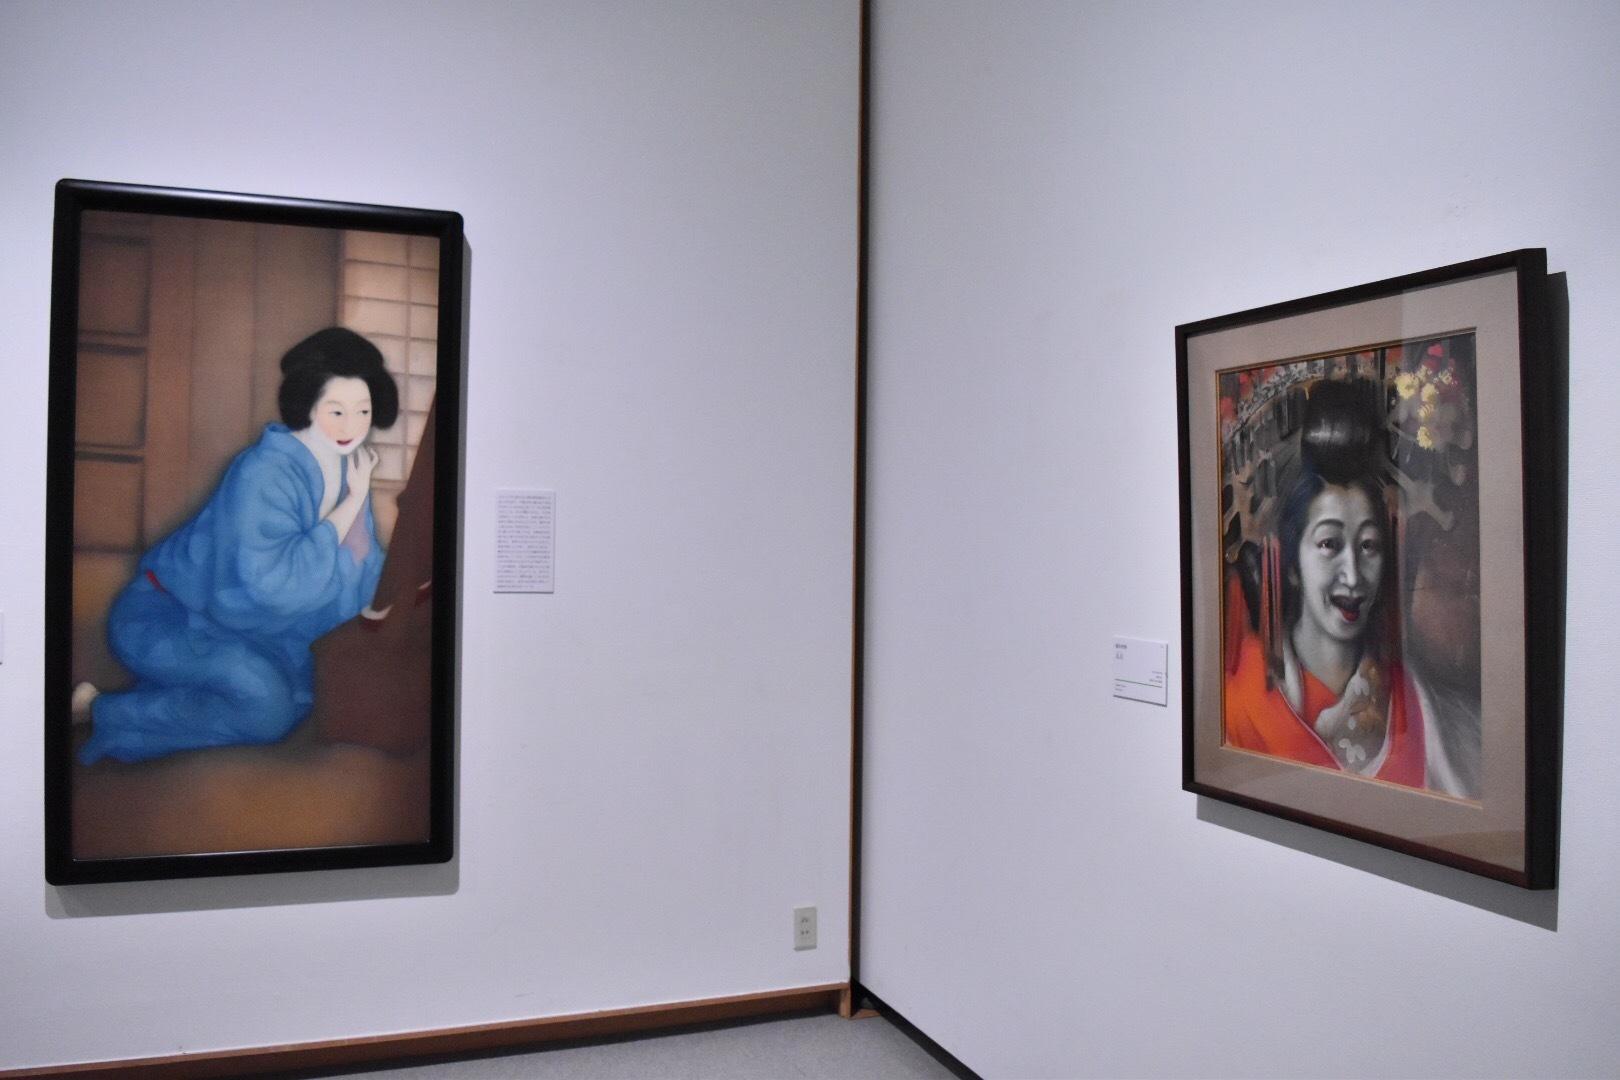 左:梥本武雄 《化粧》 大正11(1922)年 山口県立美術館 右:稲垣仲静 《太夫》 大正8(1919)年頃 京都国立近代美術館